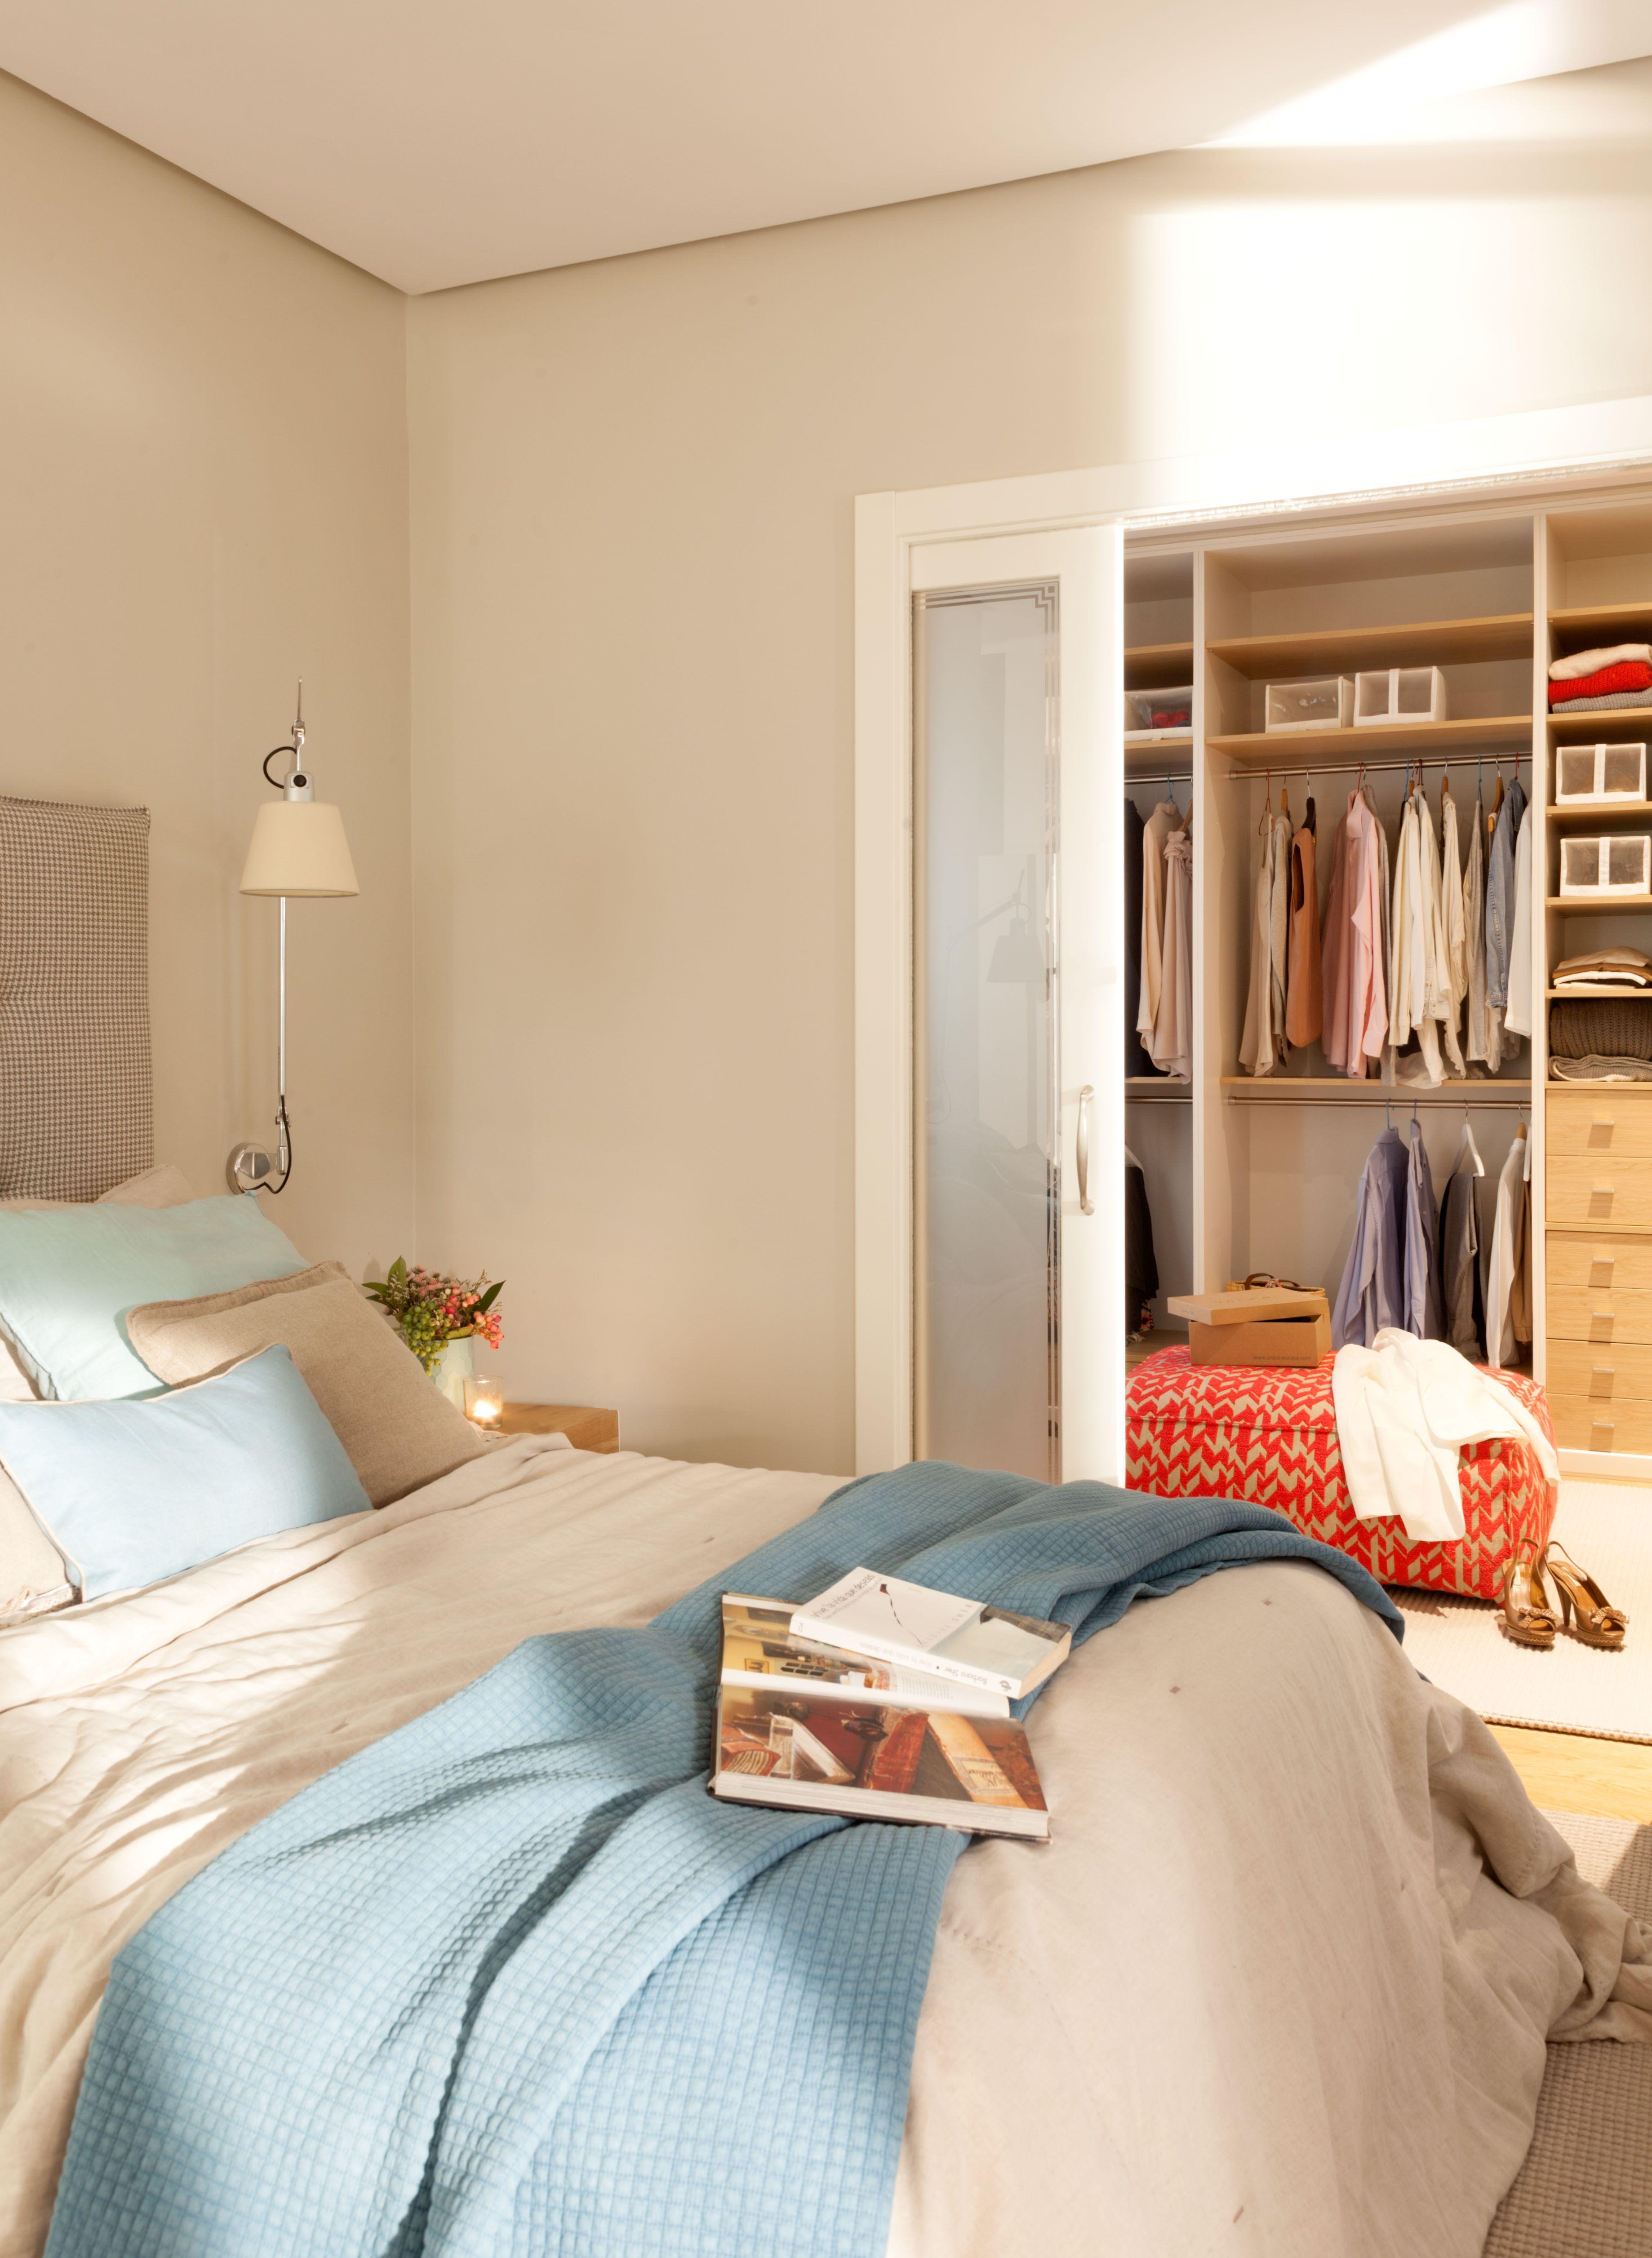 Detalle de dormitorio y vestidor dise ado por natalia - Interiorismo dormitorios ...